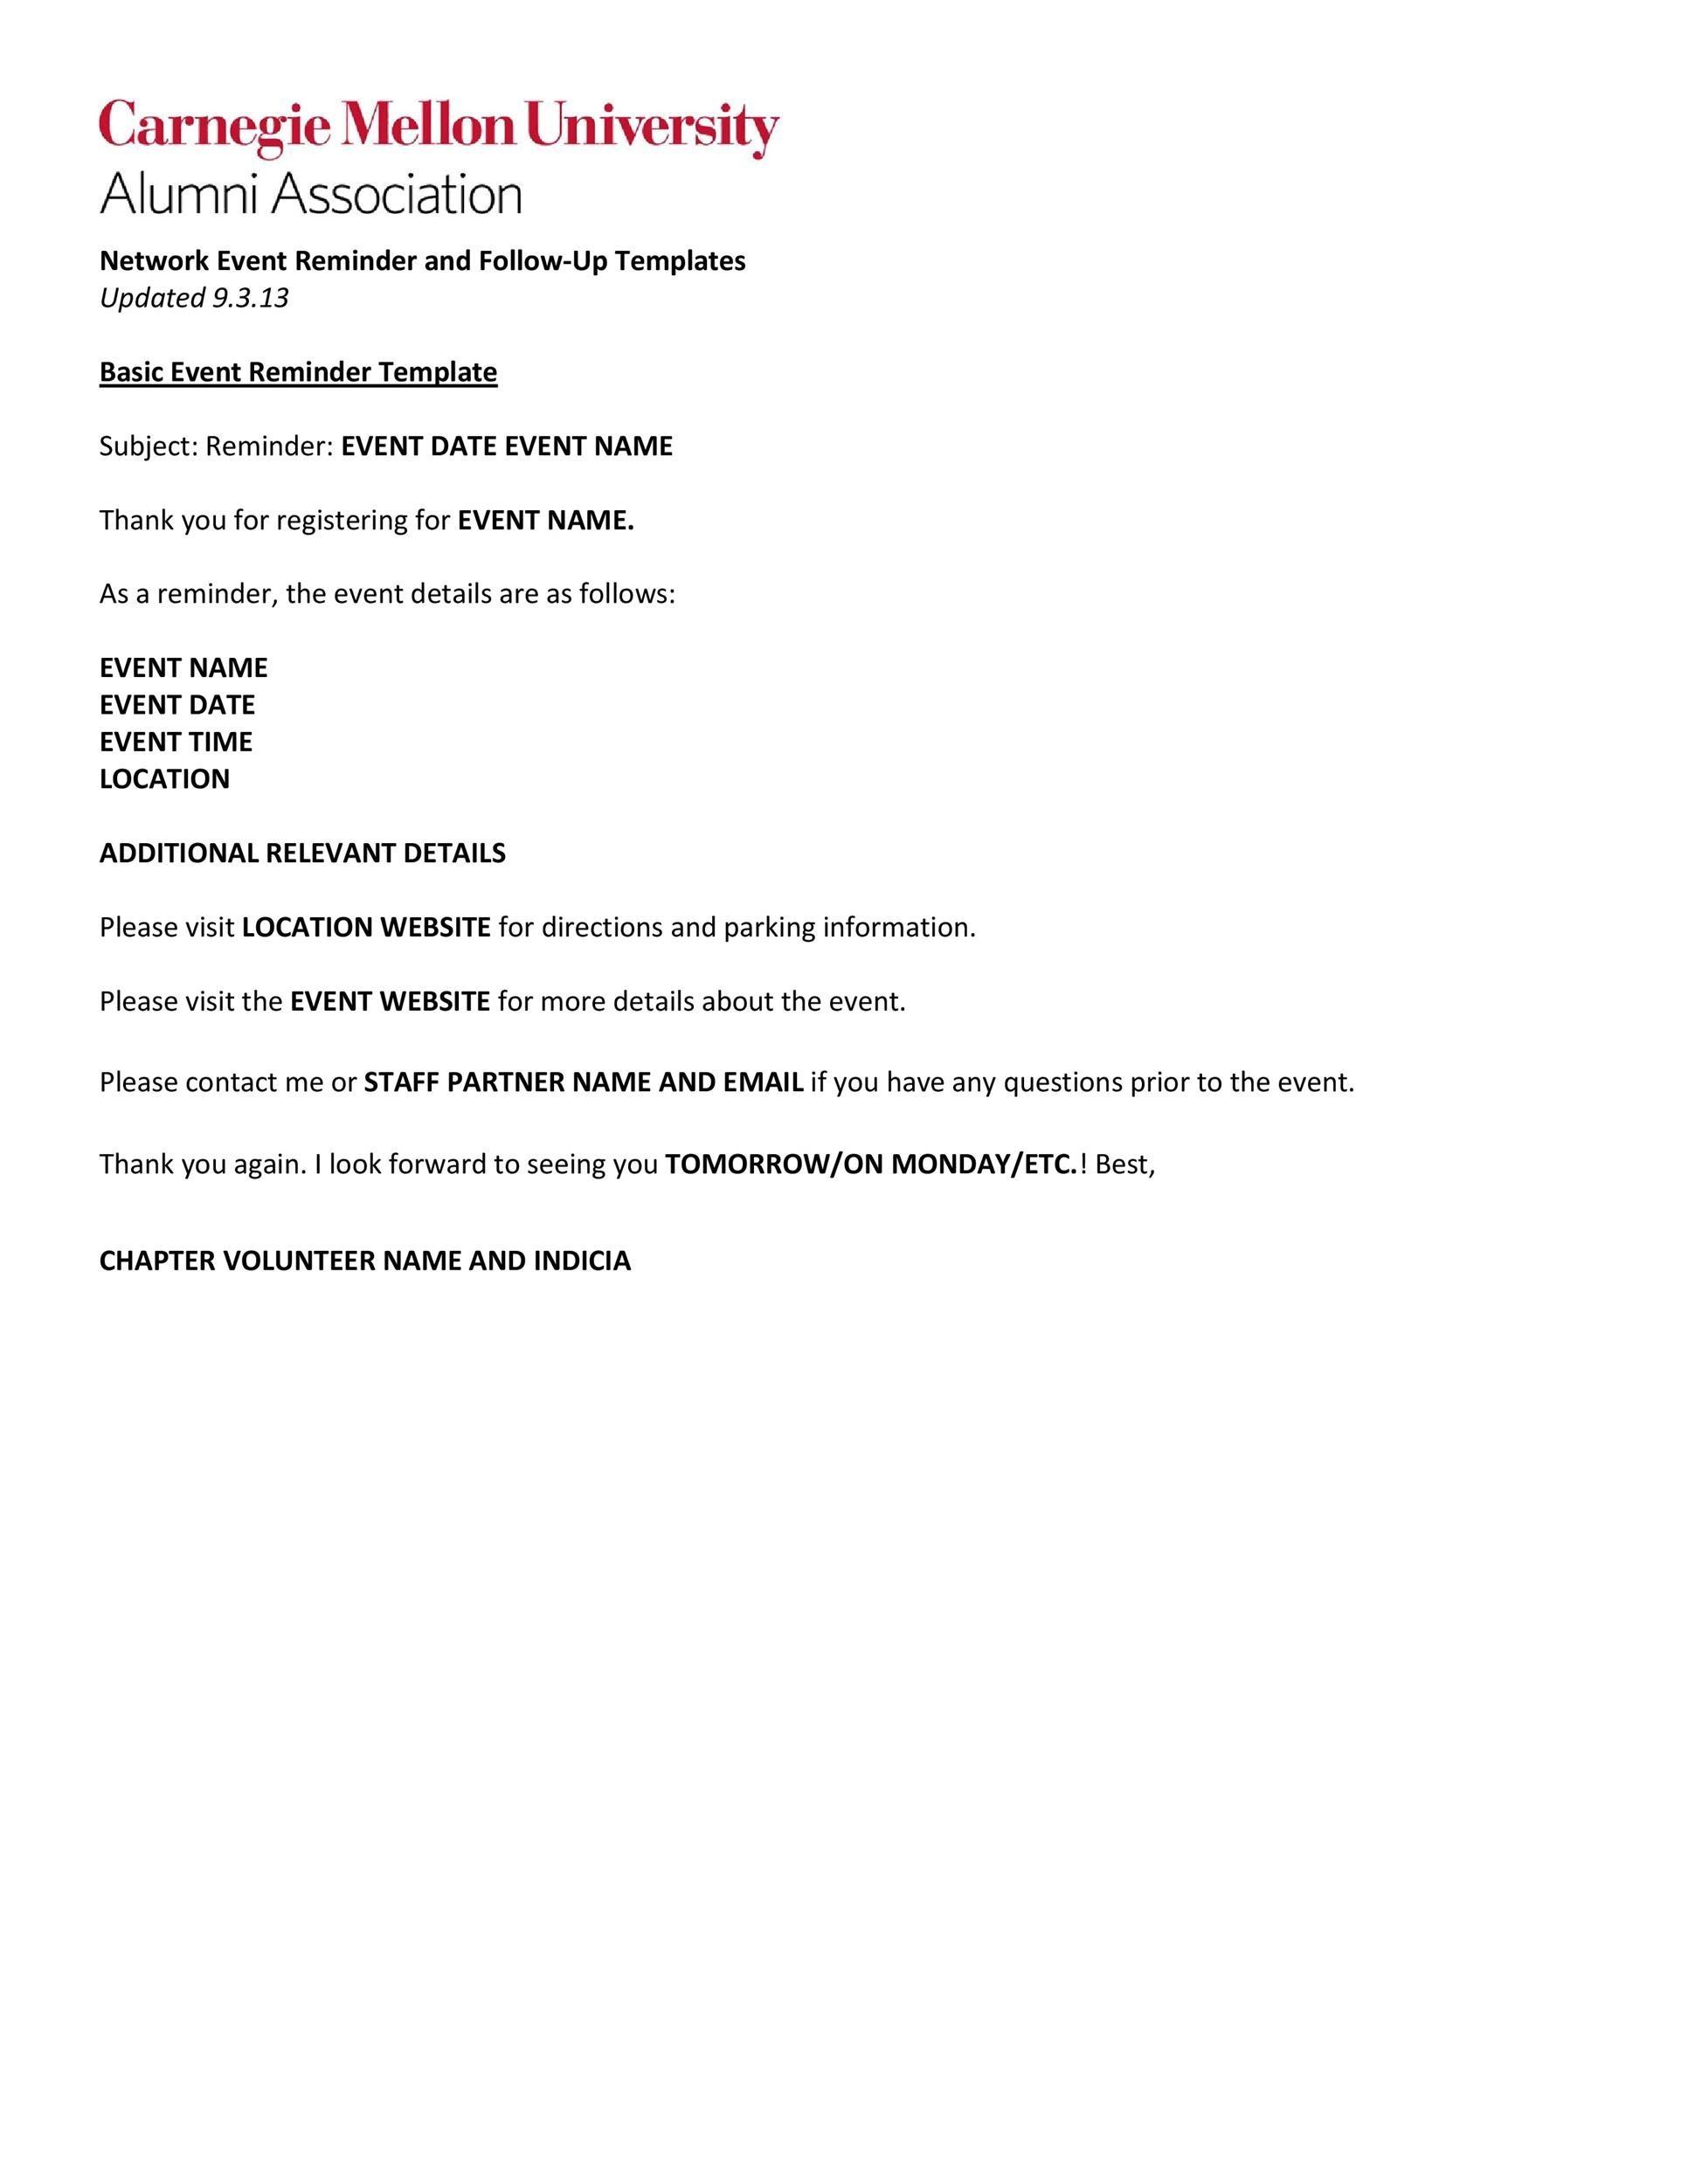 Free reminder email sample 03